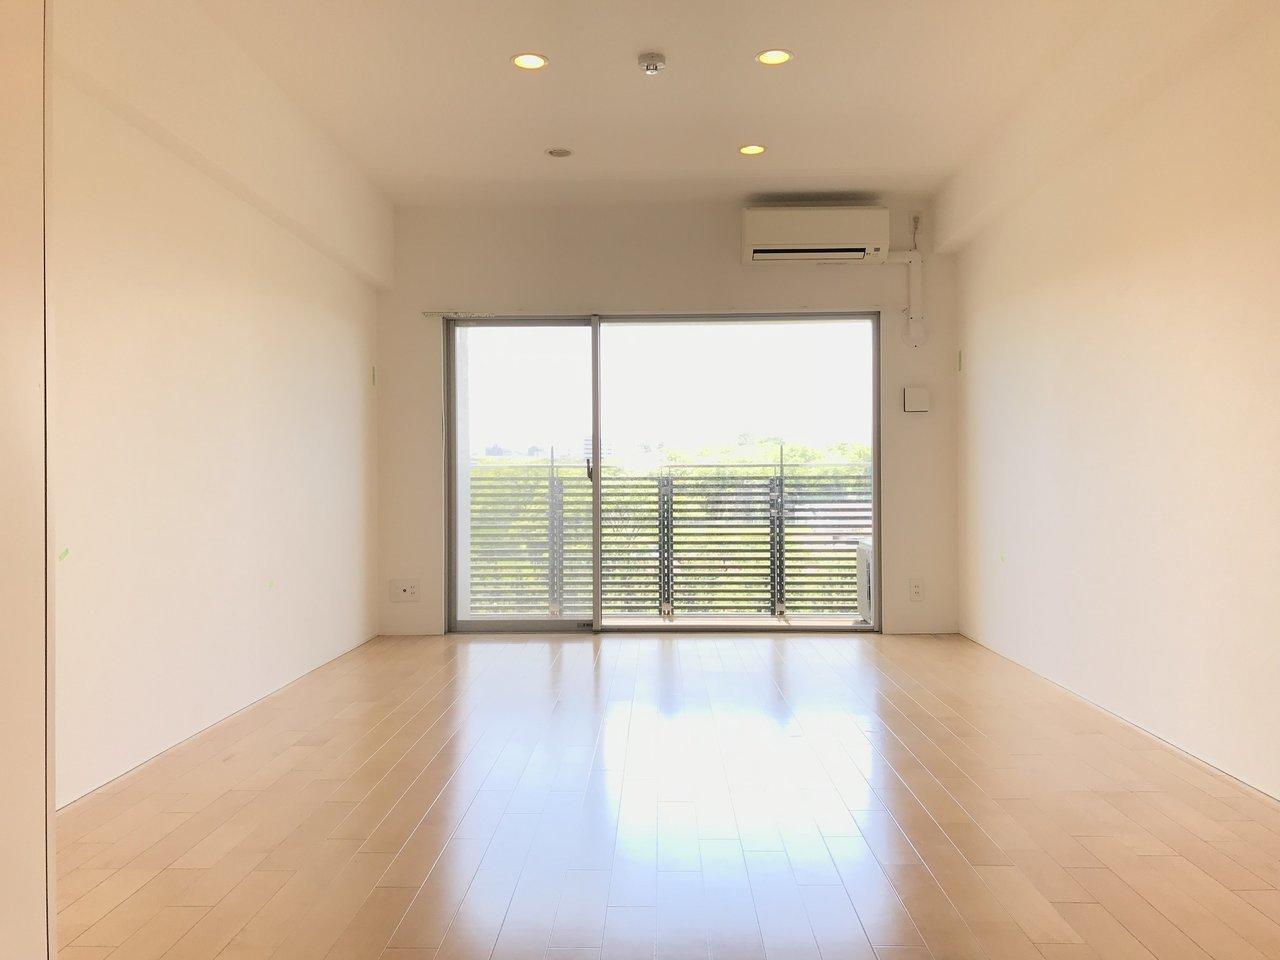 大濠公園・舞鶴公園のお濠を挟んですぐ向かい側にあるお部屋。12.8畳と広く使いやすそうな間取りもポイントです